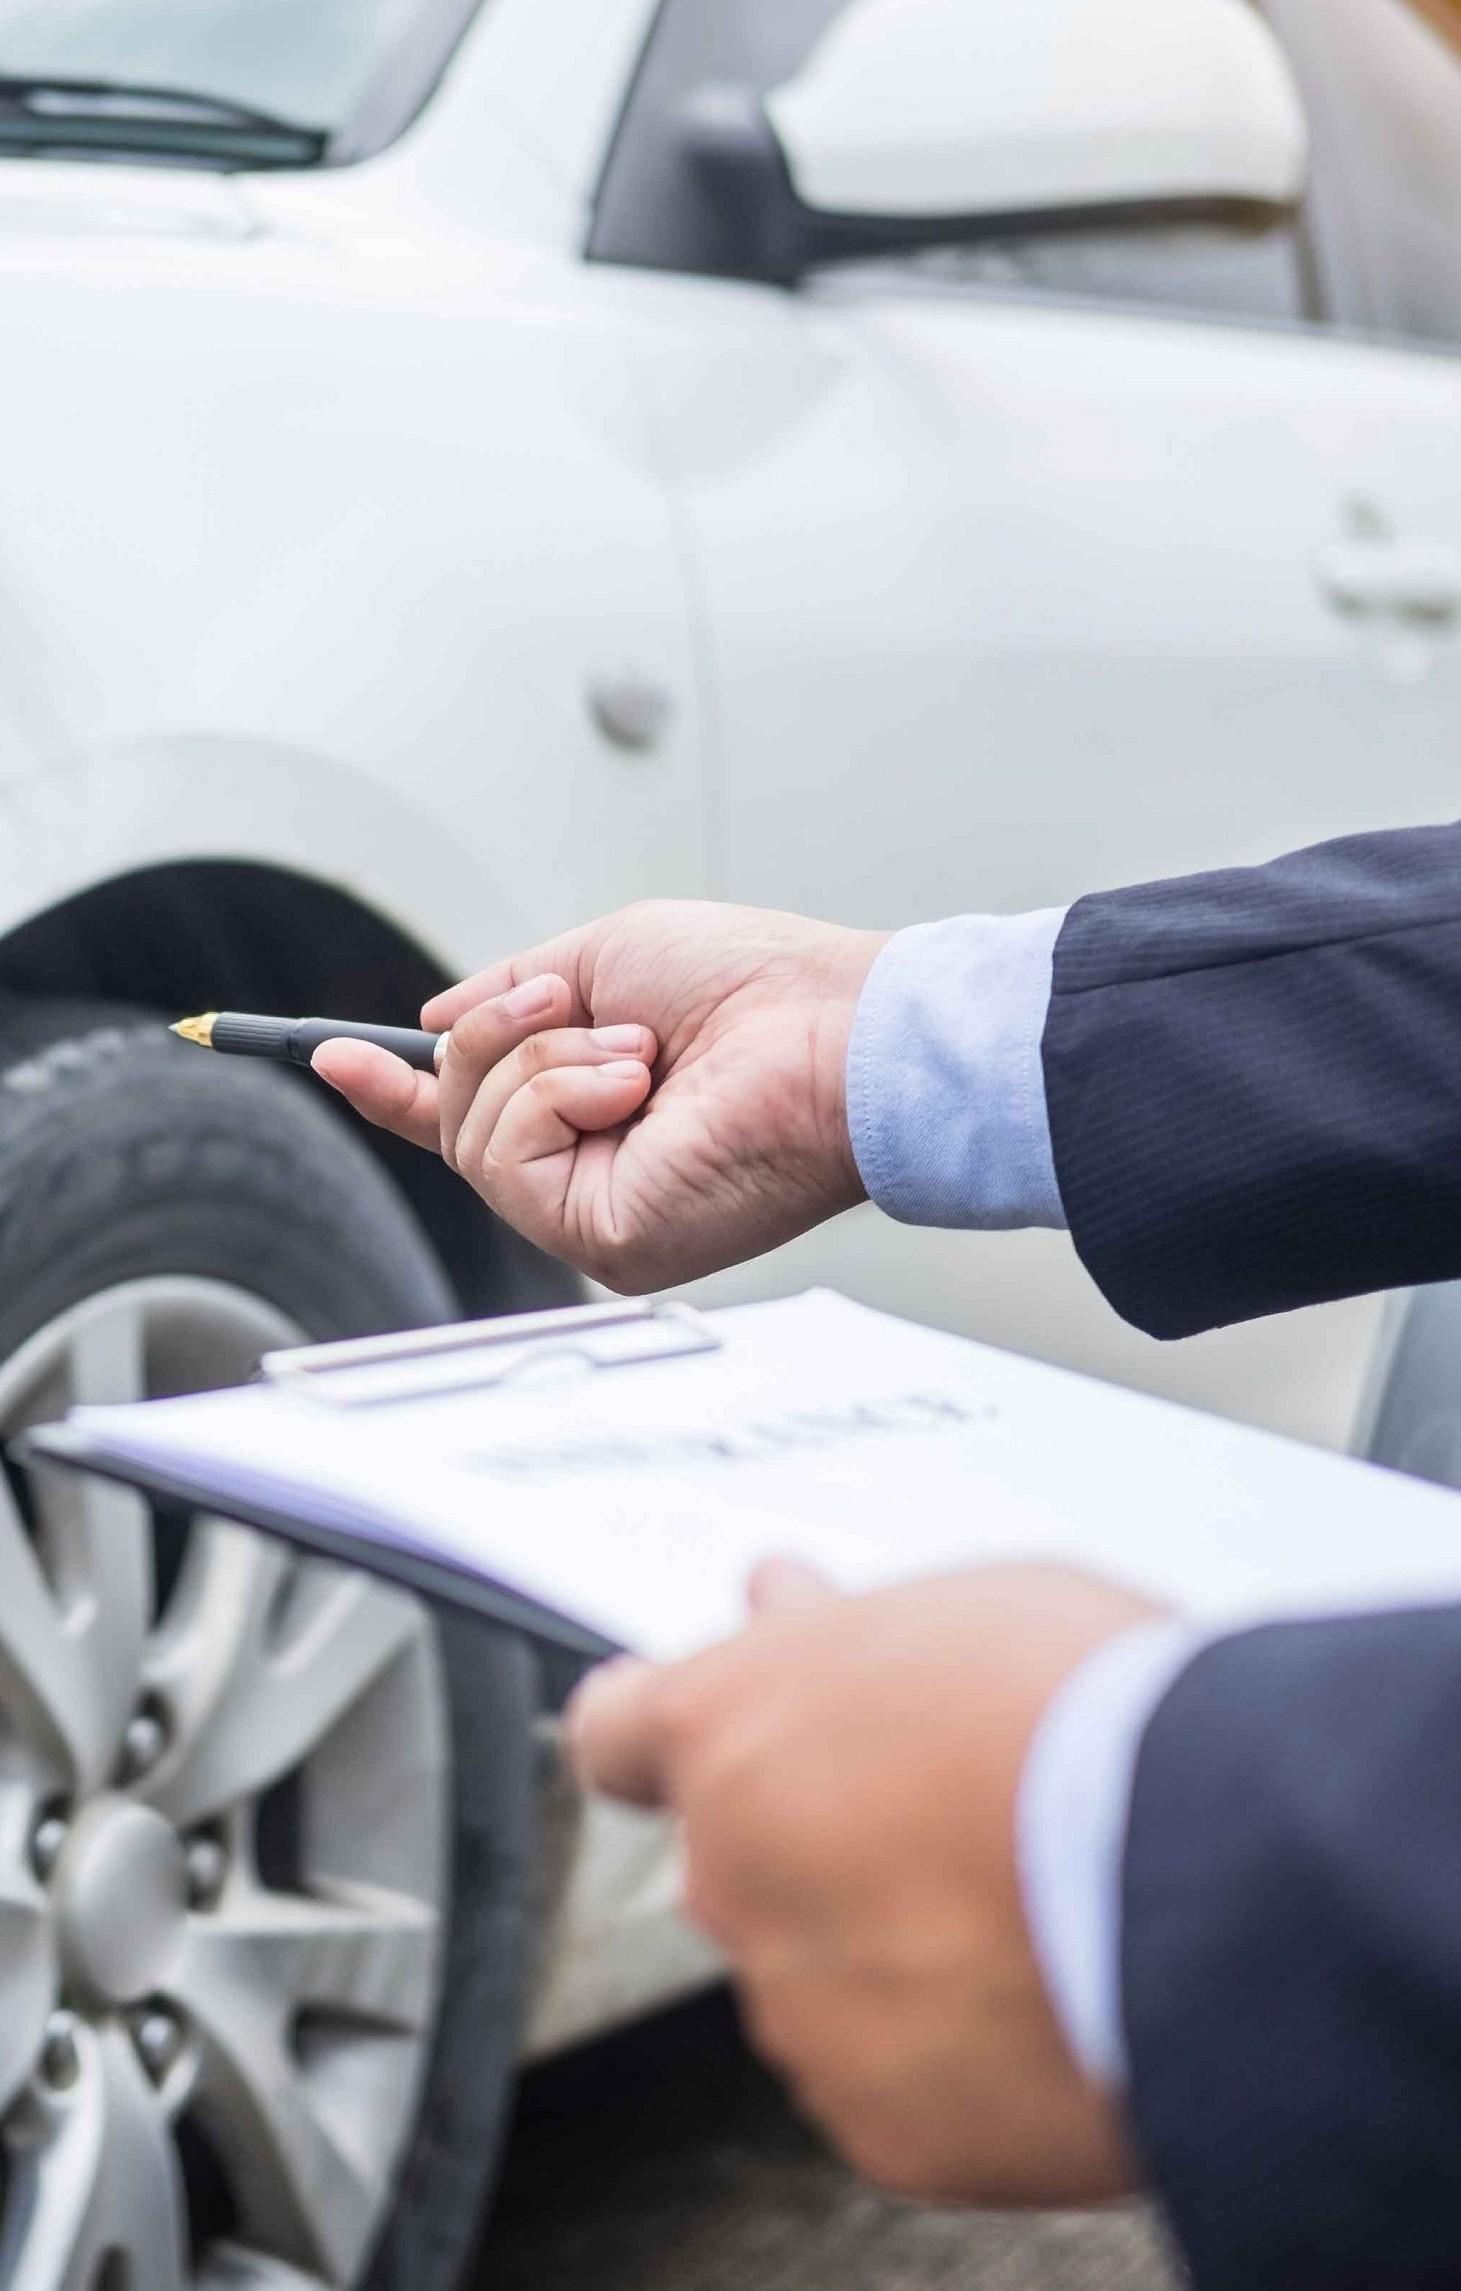 Perito assicurazione auto e valutazione danni autoveicolo 2020 come funziona